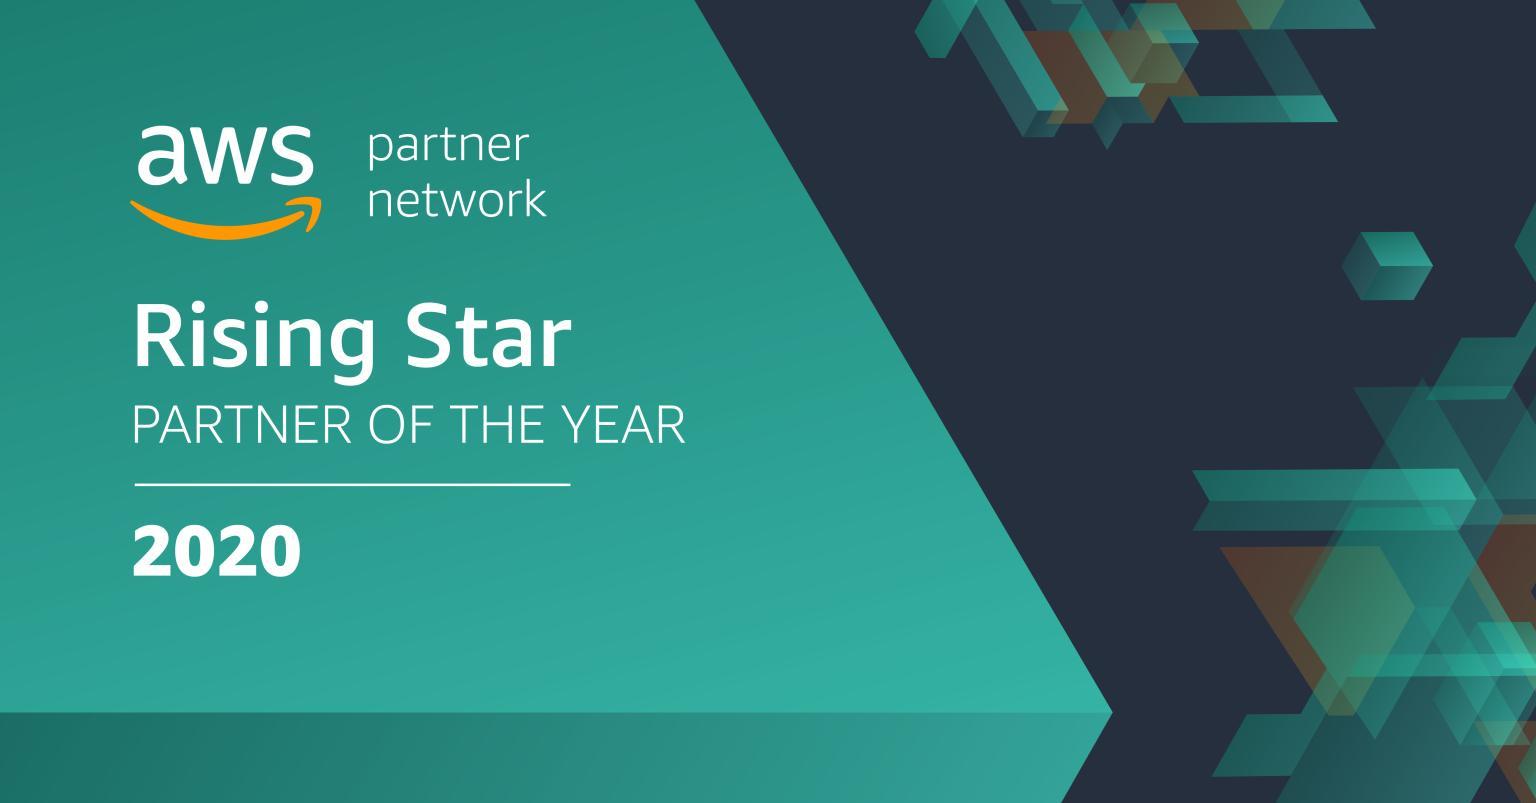 Rising Star Partner 2020